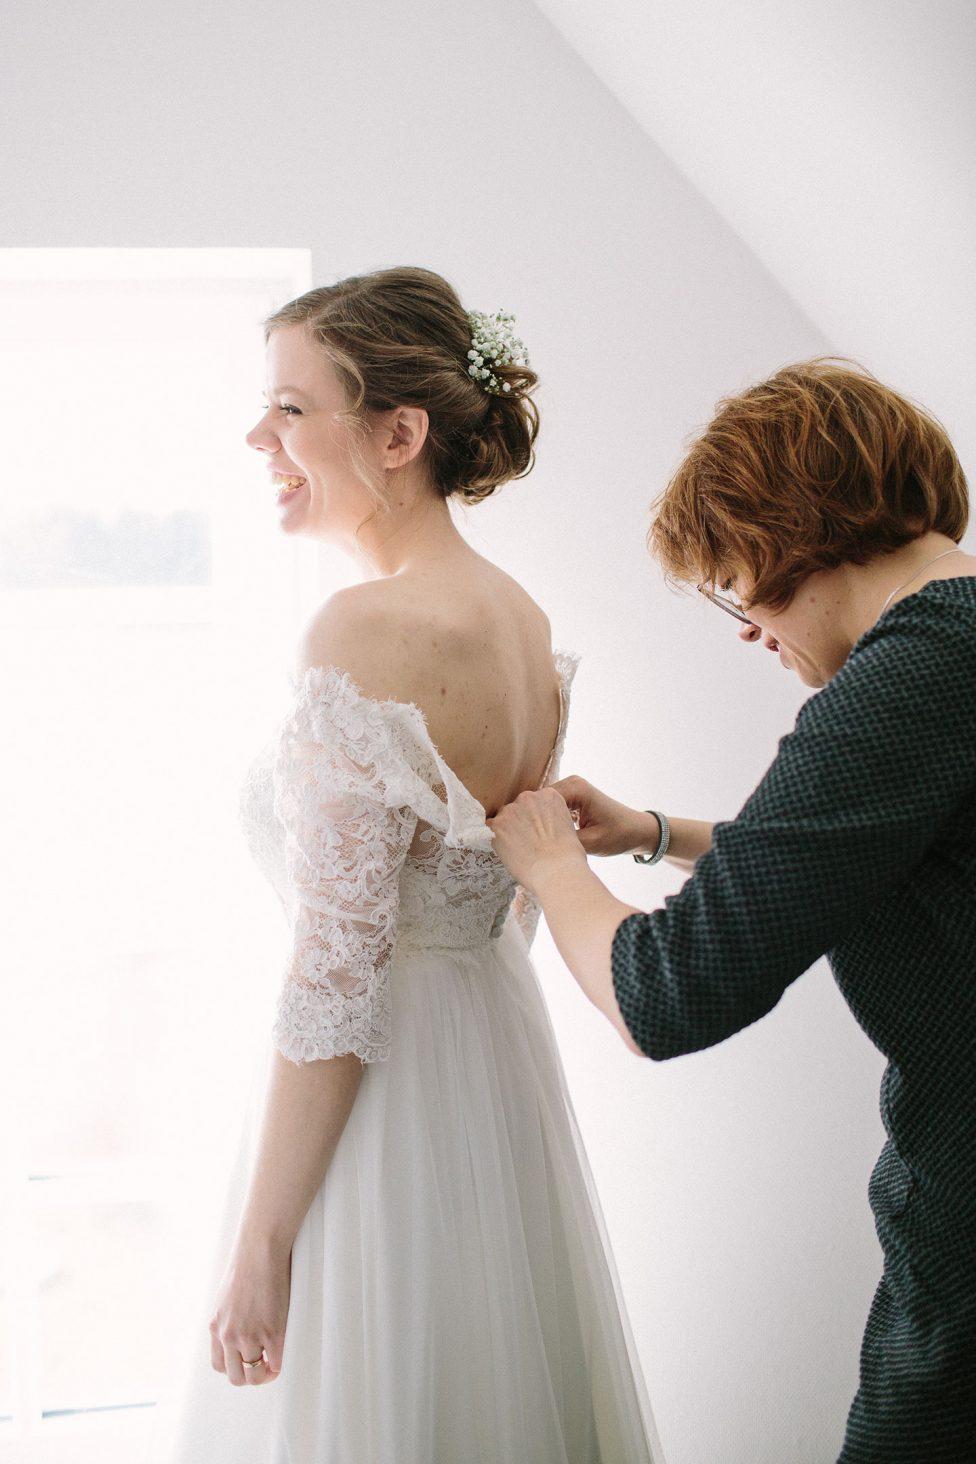 DIY-Hochzeit mit authentischem Charme